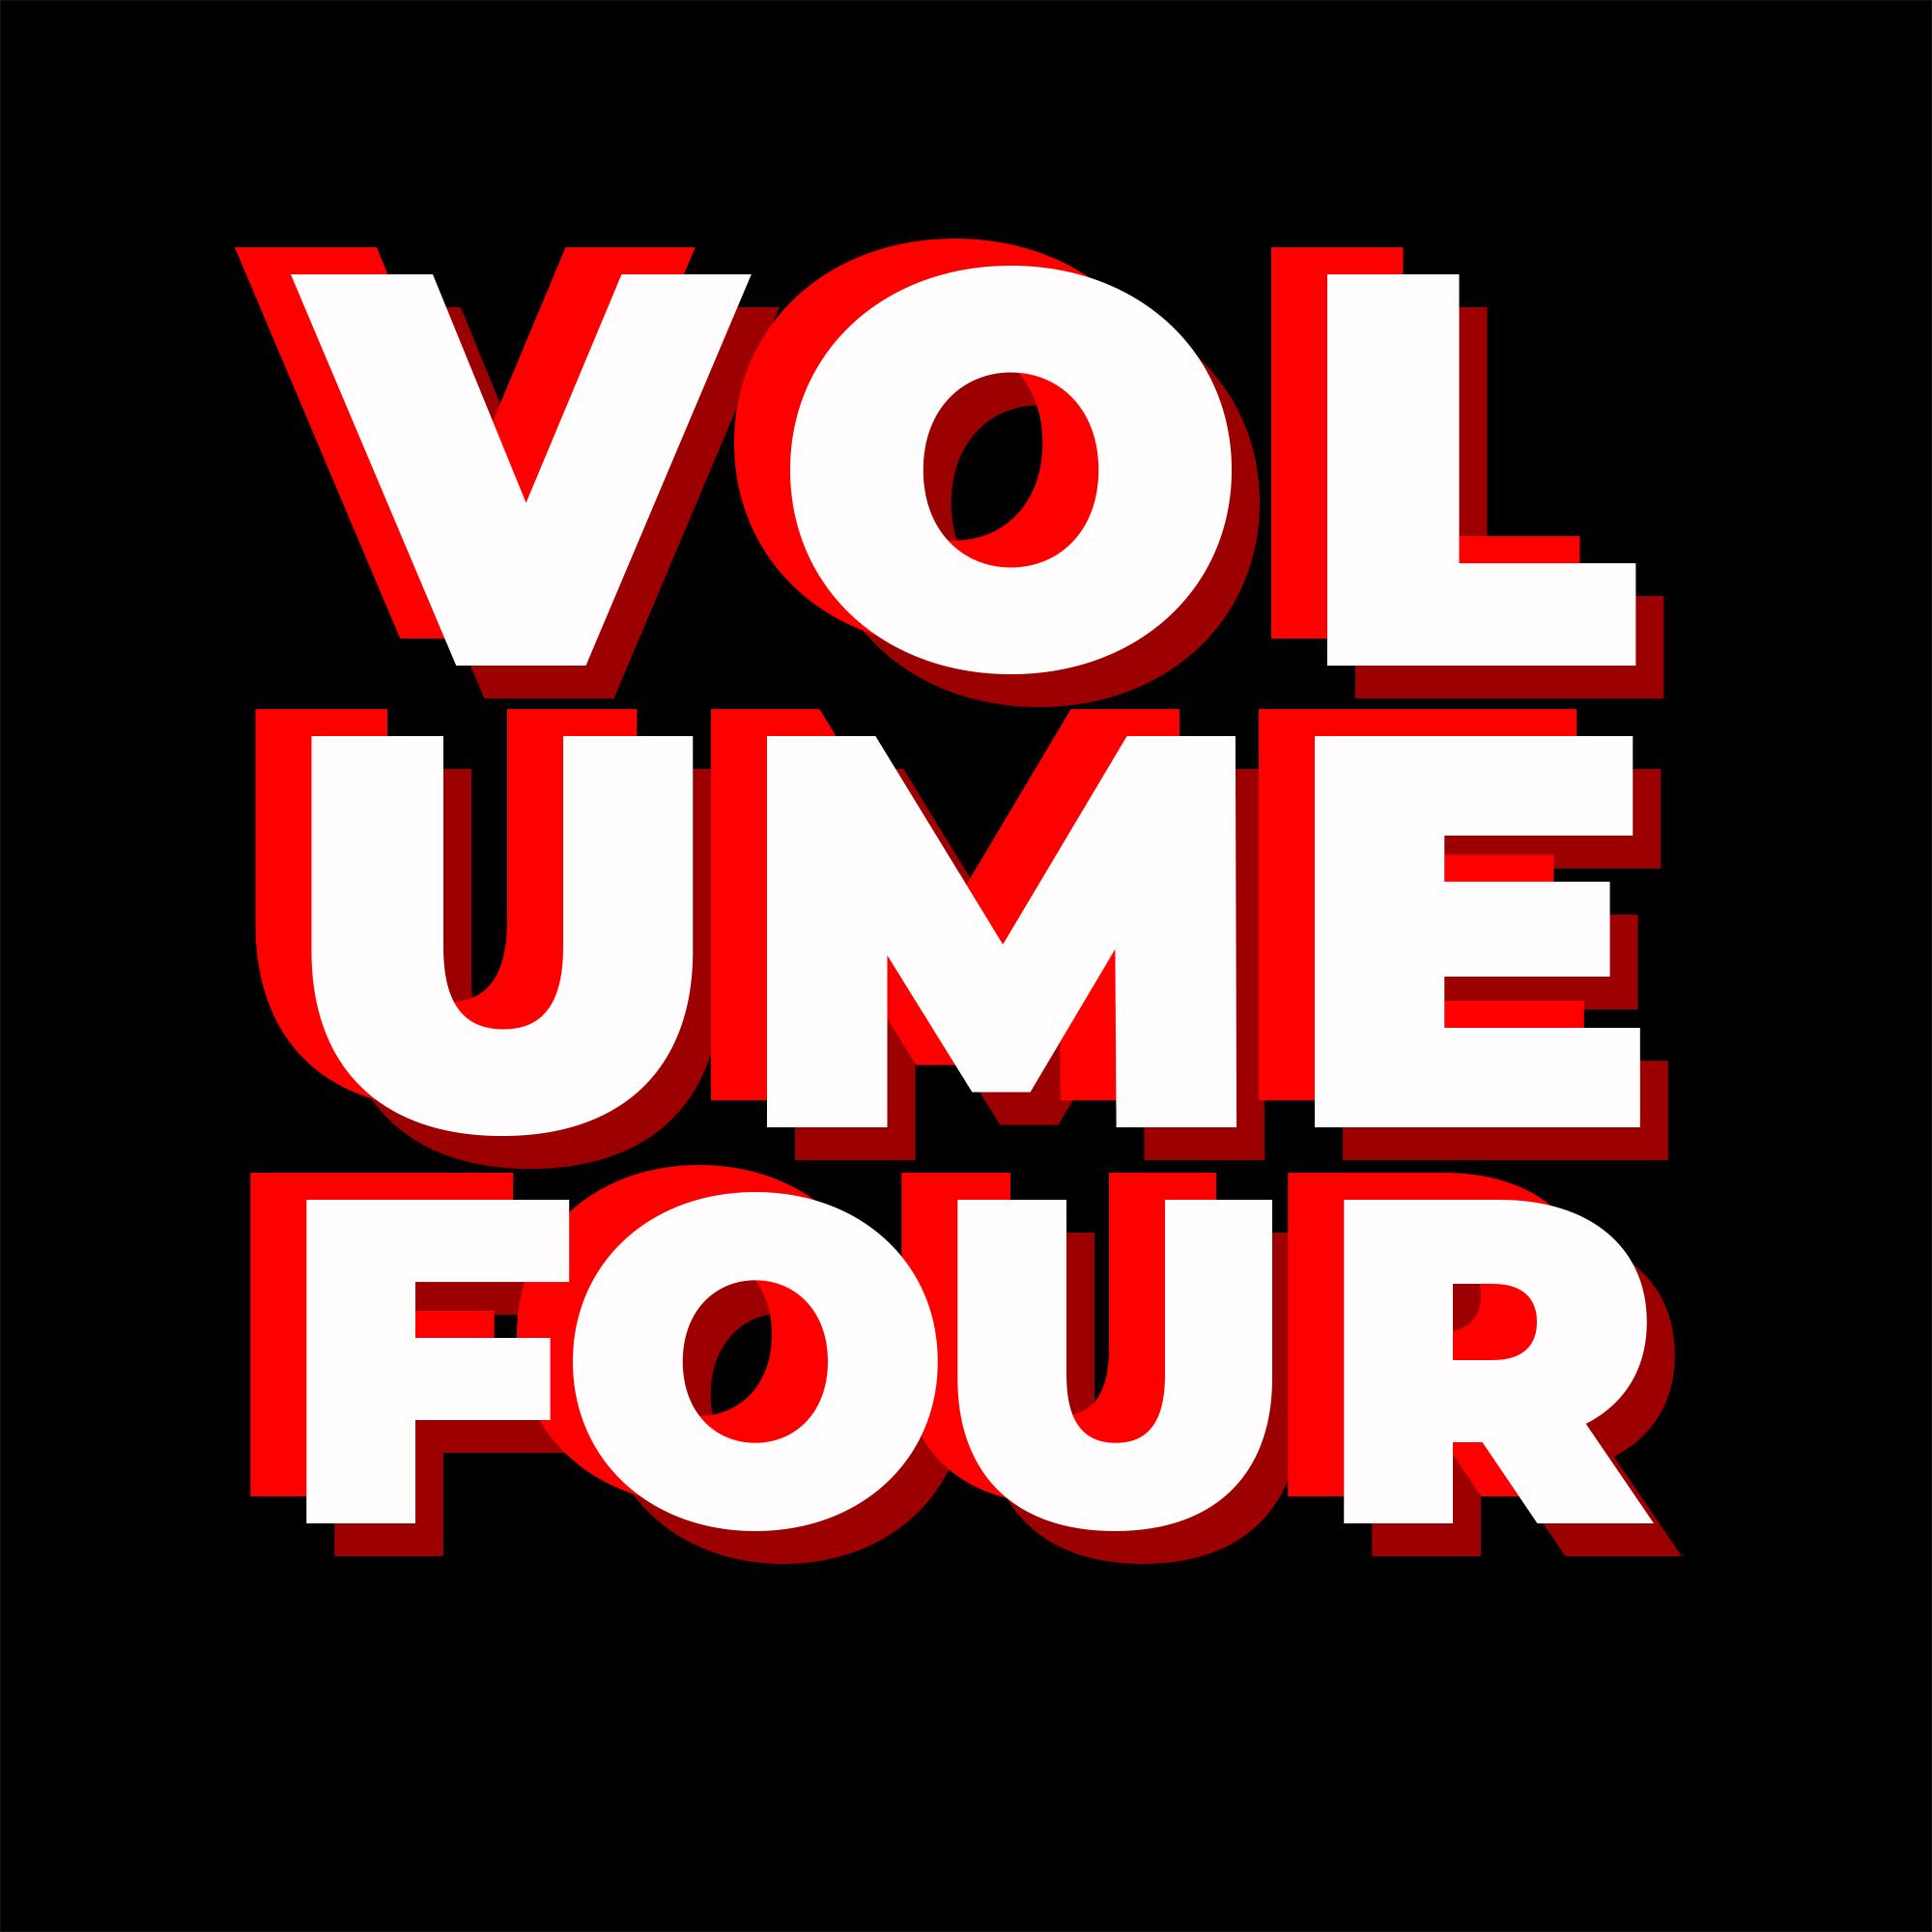 Volume Tile 4.jpg